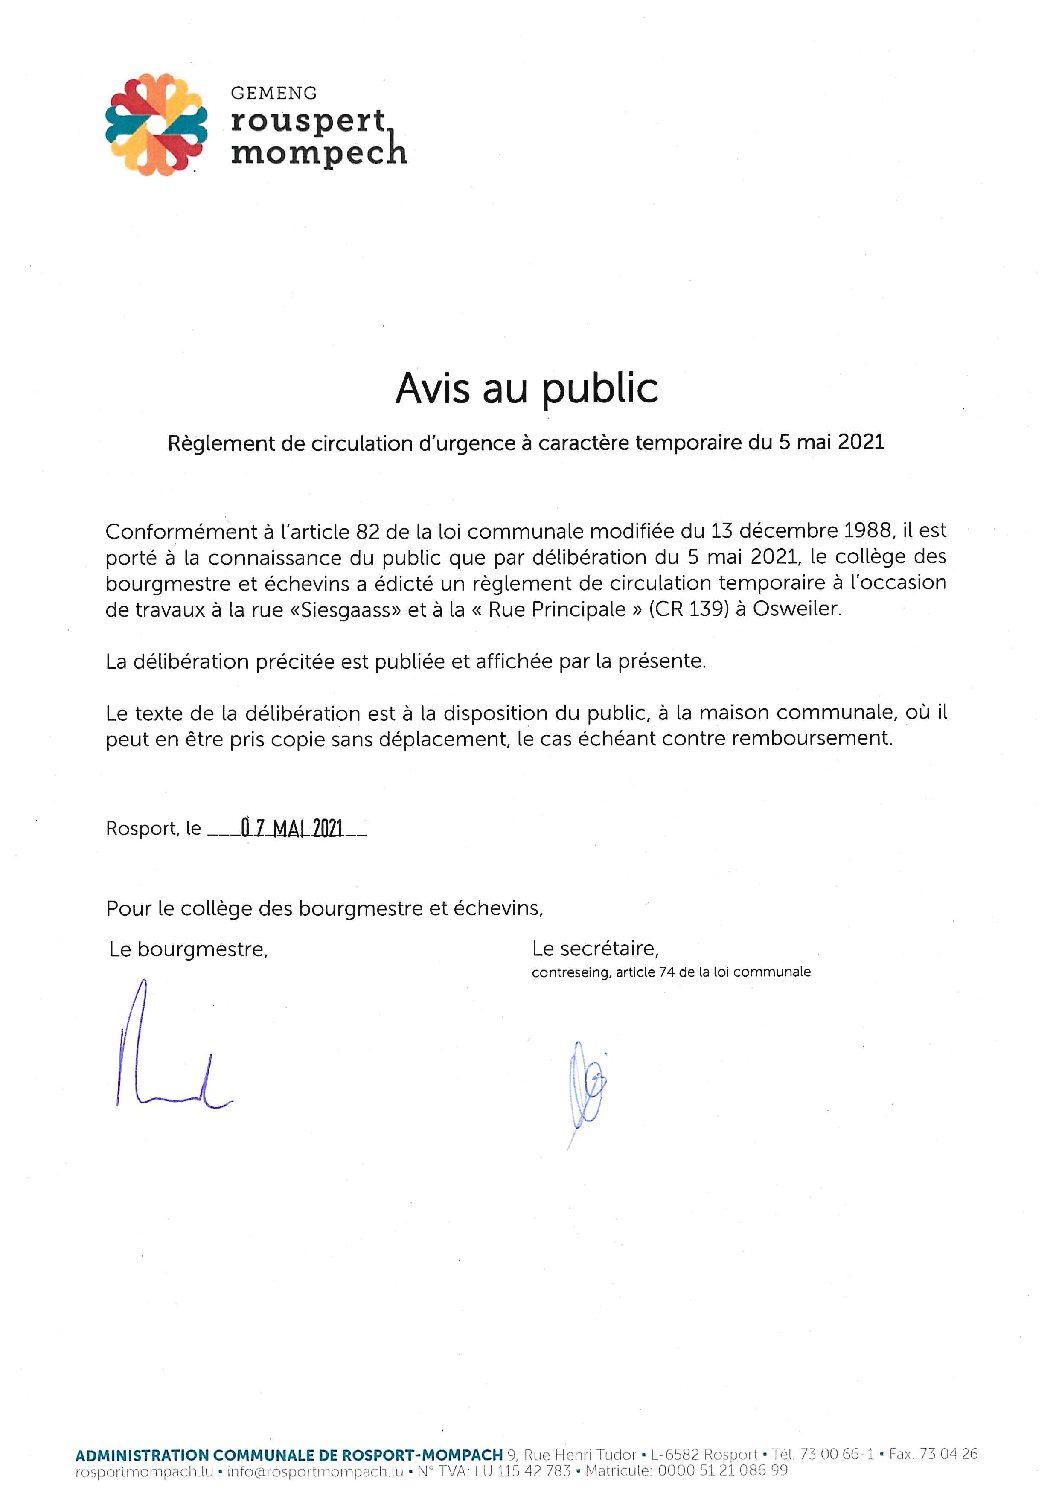 008-2021 Règlement de circulation CE - AVIS DE PUBLICATION